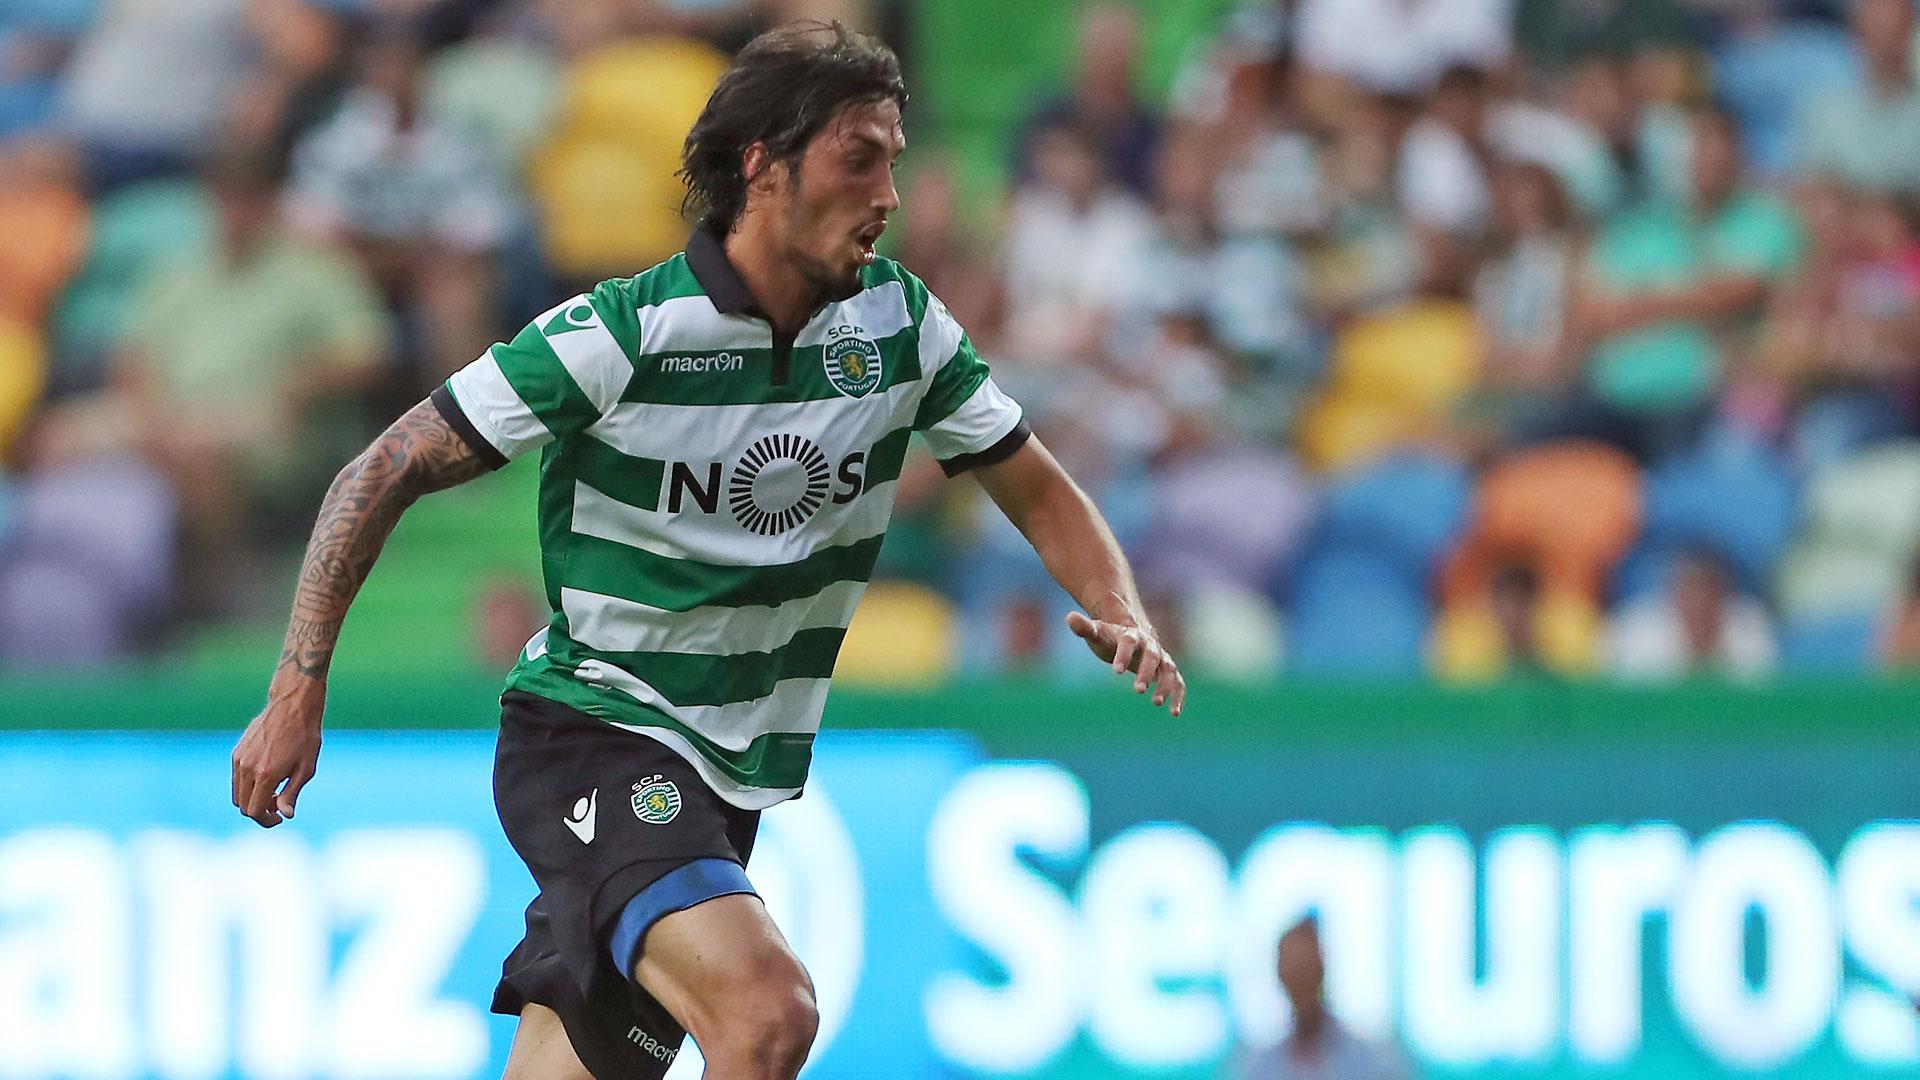 Tiene 28 años y se transformó en lateral cuando emigró al fútbol portugués (Getty)